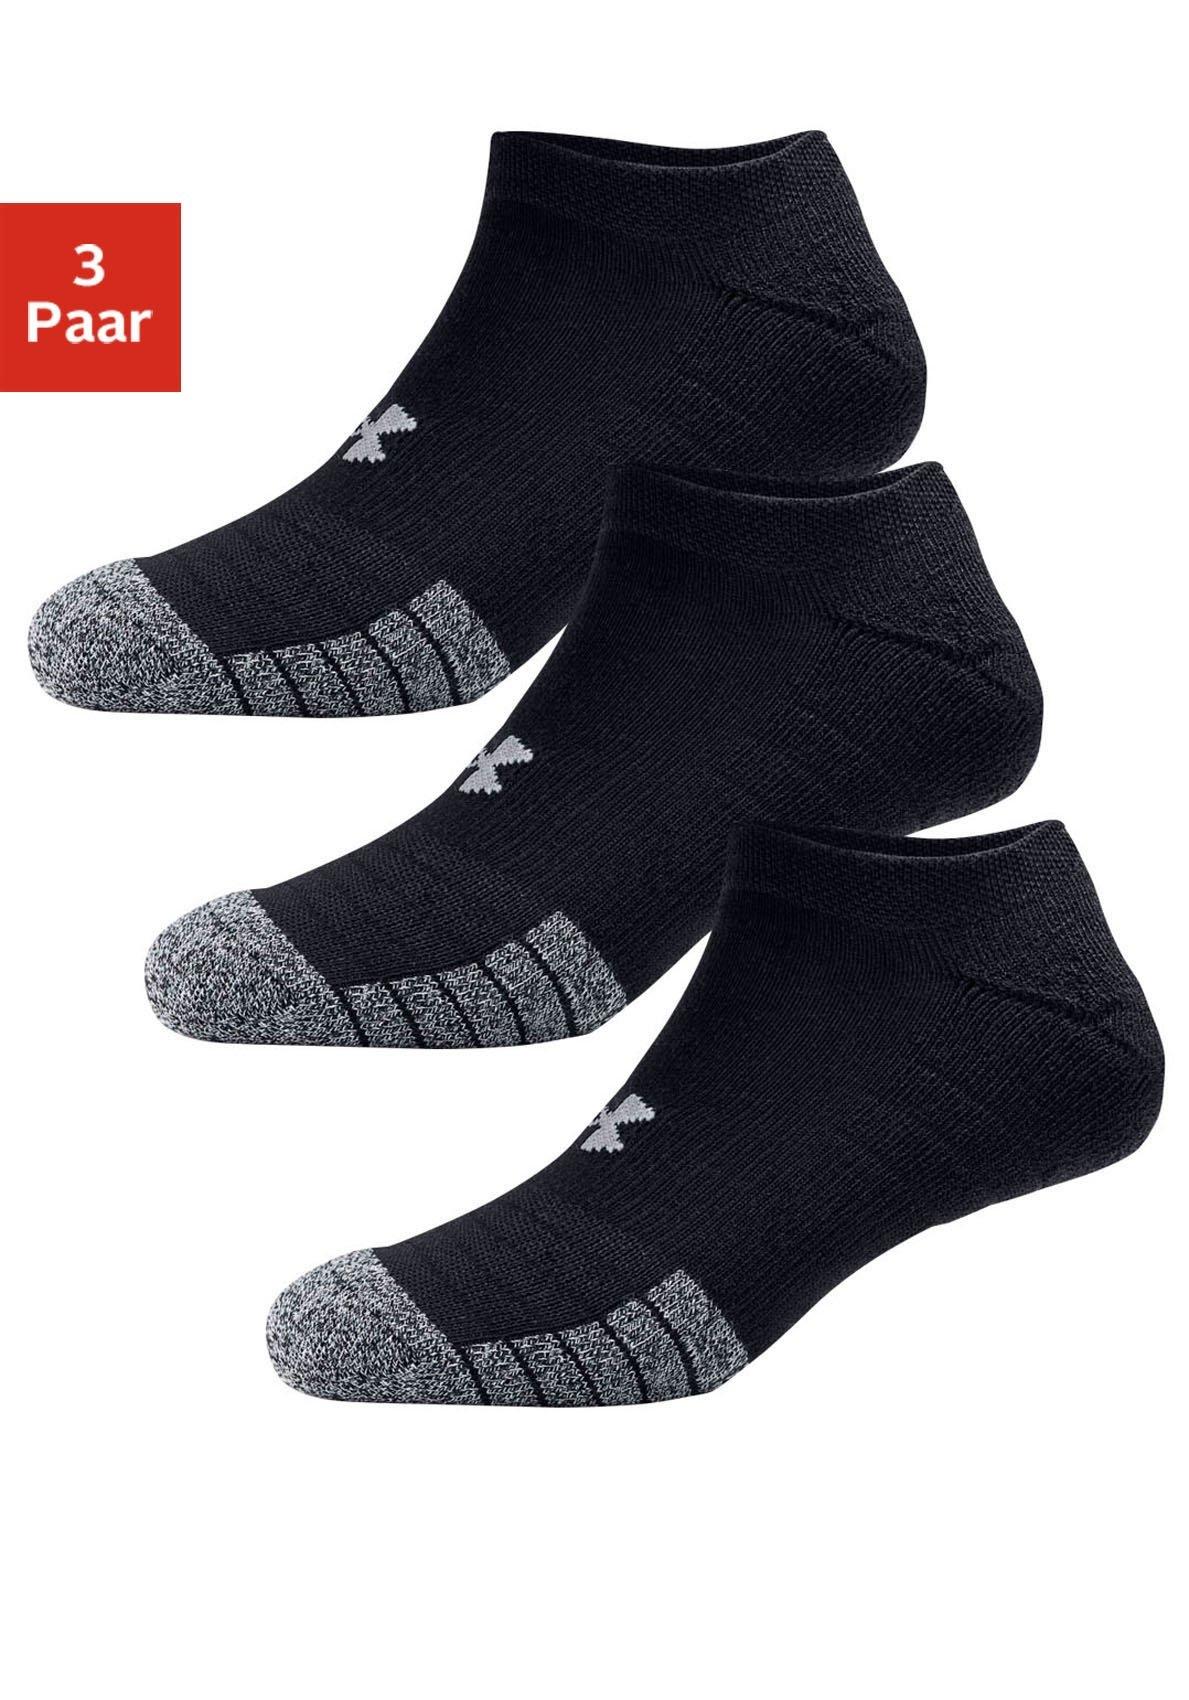 Under Armour sneakersokken met anatomische bekleding (3 paar) veilig op lascana.nl kopen